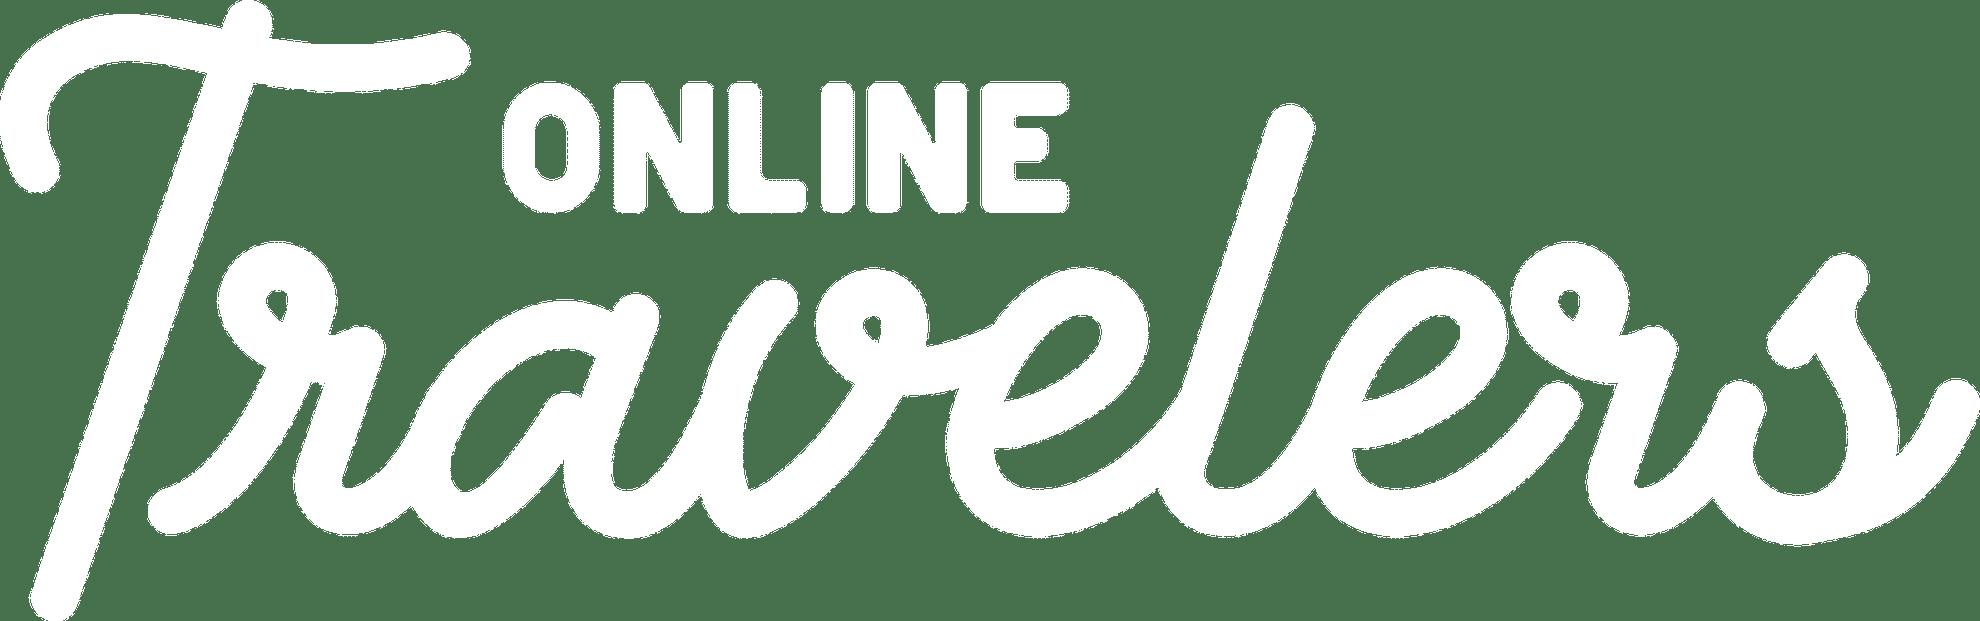 Logo OnlineTravelers Tekst in de kleur wit